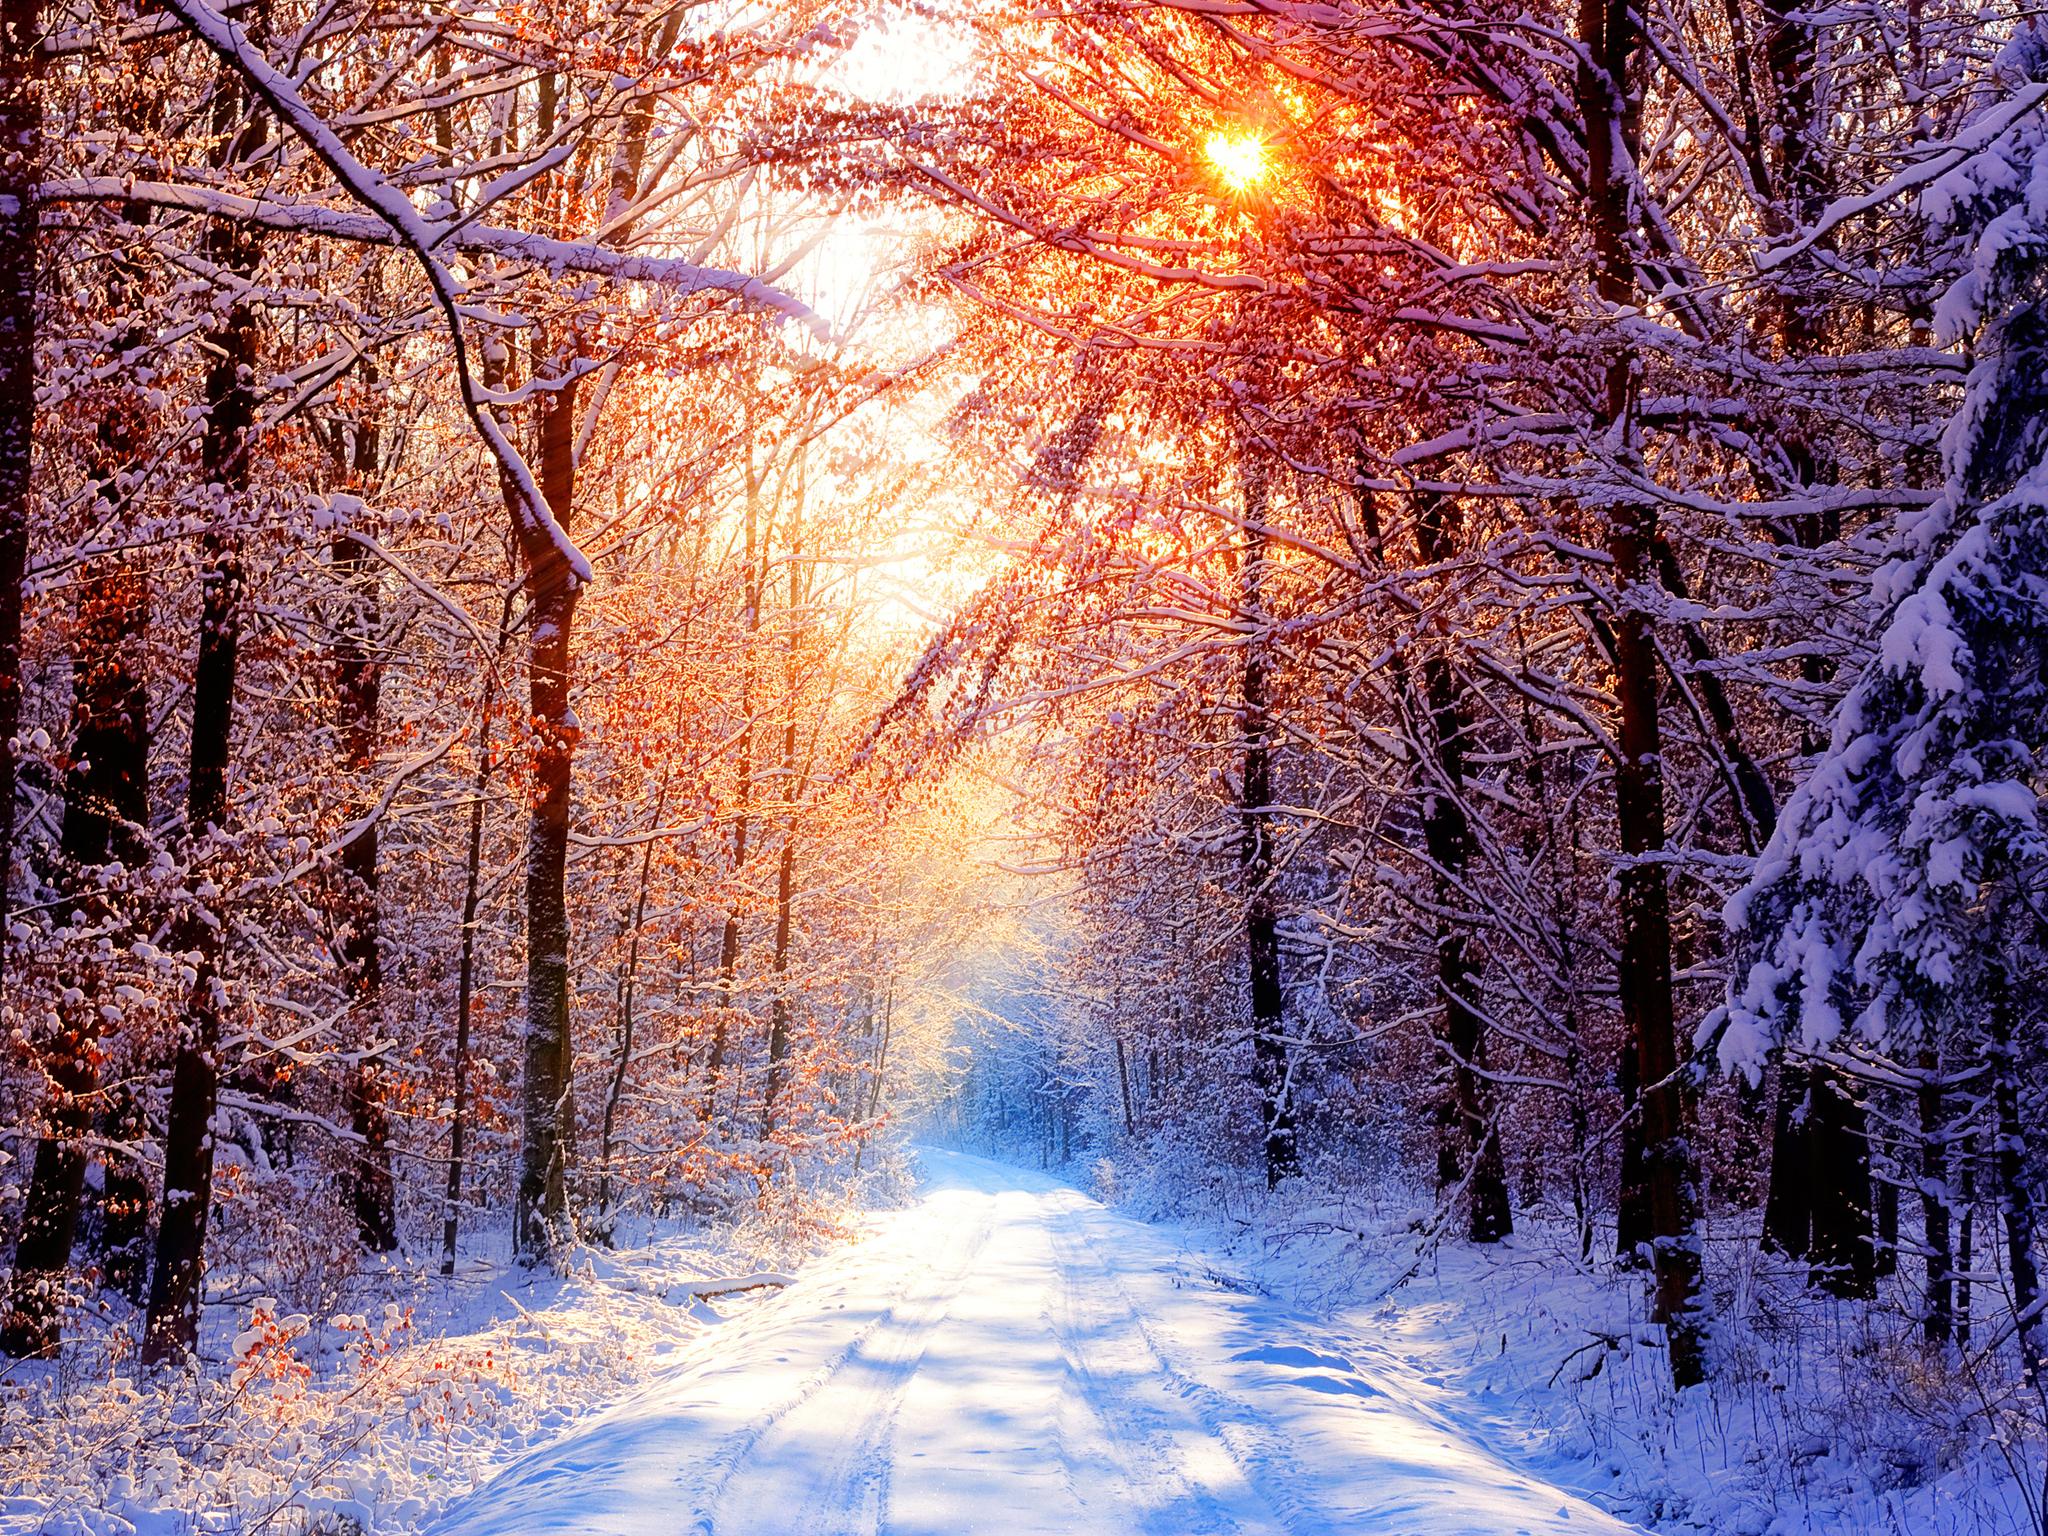 Wallpapers room com   Winter Wallpaper III by emats 2048x1536jpg 2048x1536